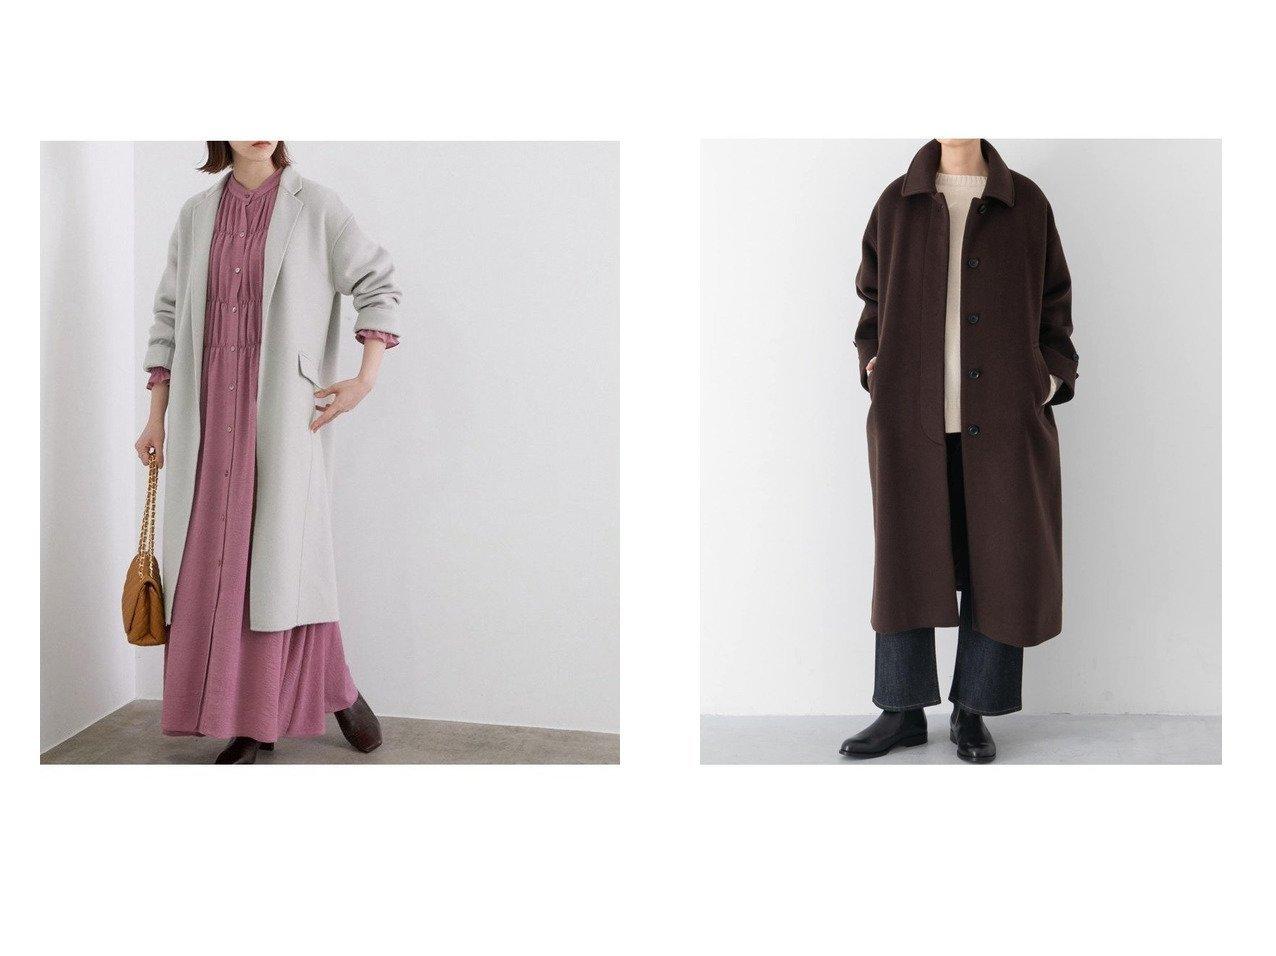 【ROPE' mademoiselle/ロペ マドモアゼル】の【イタリア製素材】ダブルフェイスリバーチェスターコート&【kagure/かぐれ】のウールバルマカンコート アウターのおすすめ!人気トレンド・レディースファッションの通販 おすすめで人気のファッション通販商品 インテリア・家具・キッズファッション・メンズファッション・レディースファッション・服の通販 founy(ファニー) https://founy.com/ ファッション Fashion レディースファッション WOMEN アウター Coat Outerwear コート Coats ジャケット Jackets チェスターコート Top Coat ジャケット デニム ベーシック ワイド イタリア カーディガン ショール シンプル ダブル チェスターコート フェイス フェミニン メルトン  ID:crp329100000007576